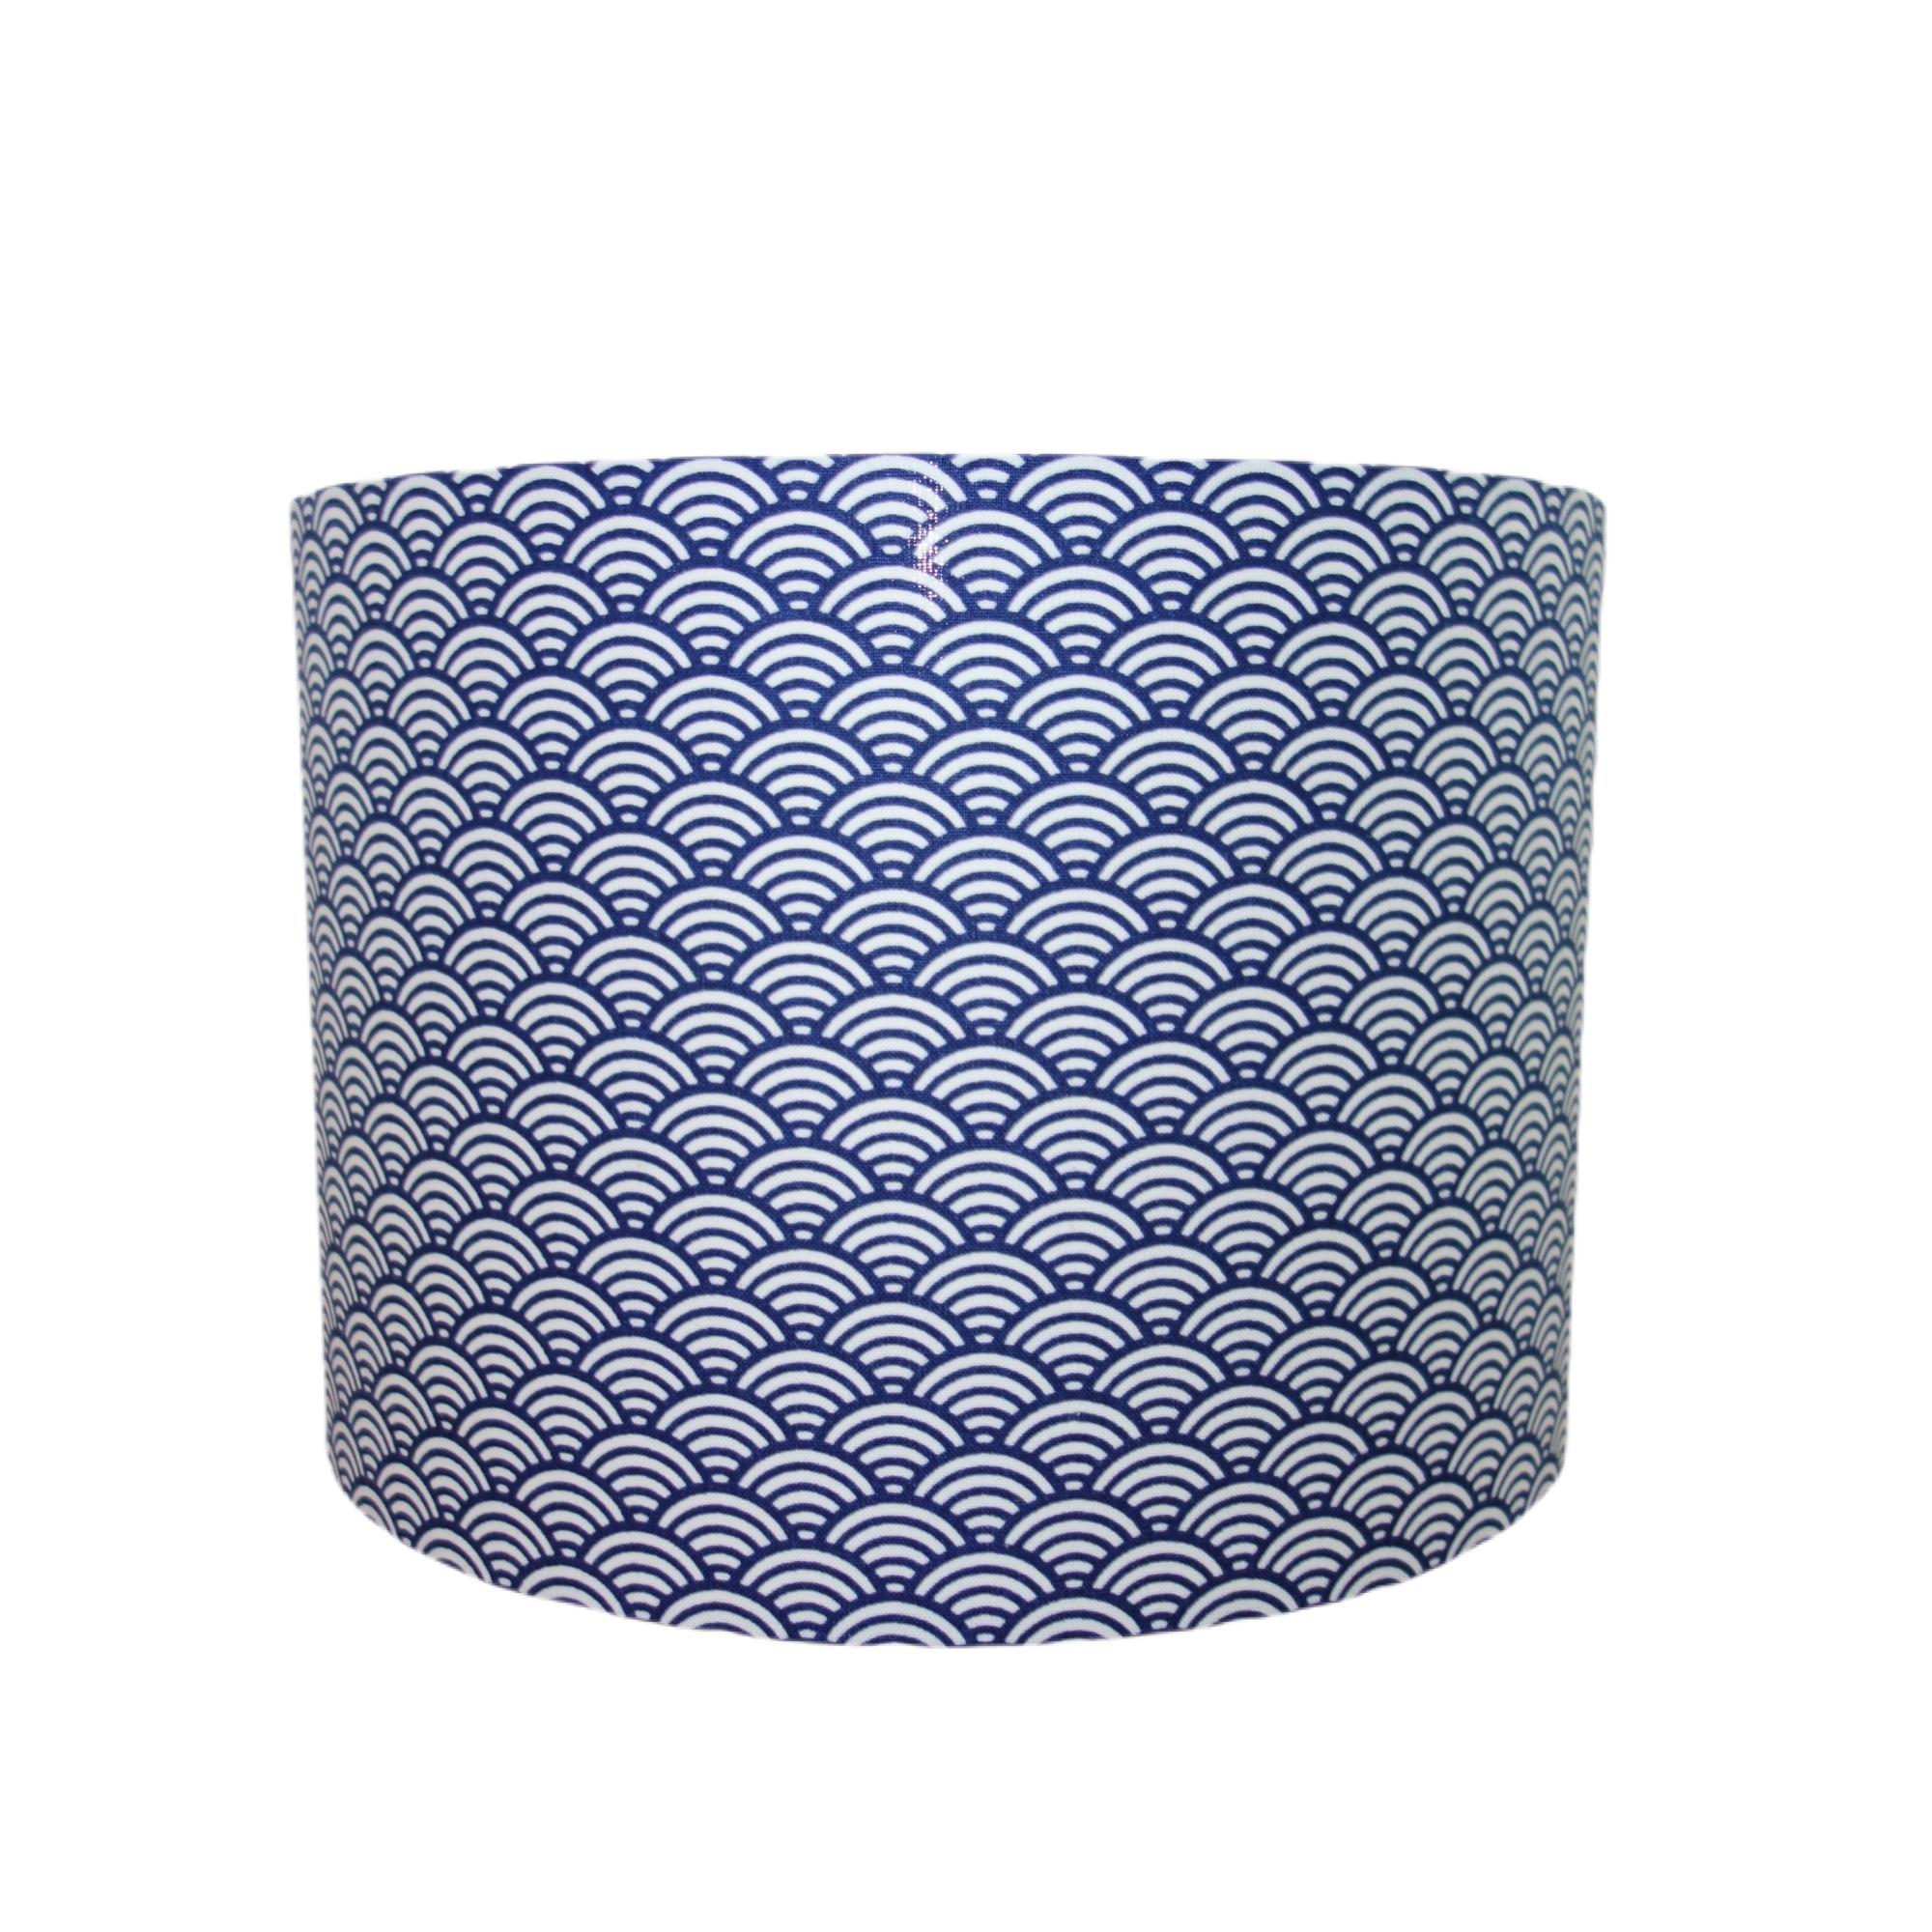 Suspension vague bleu marine diamètre 40 cm